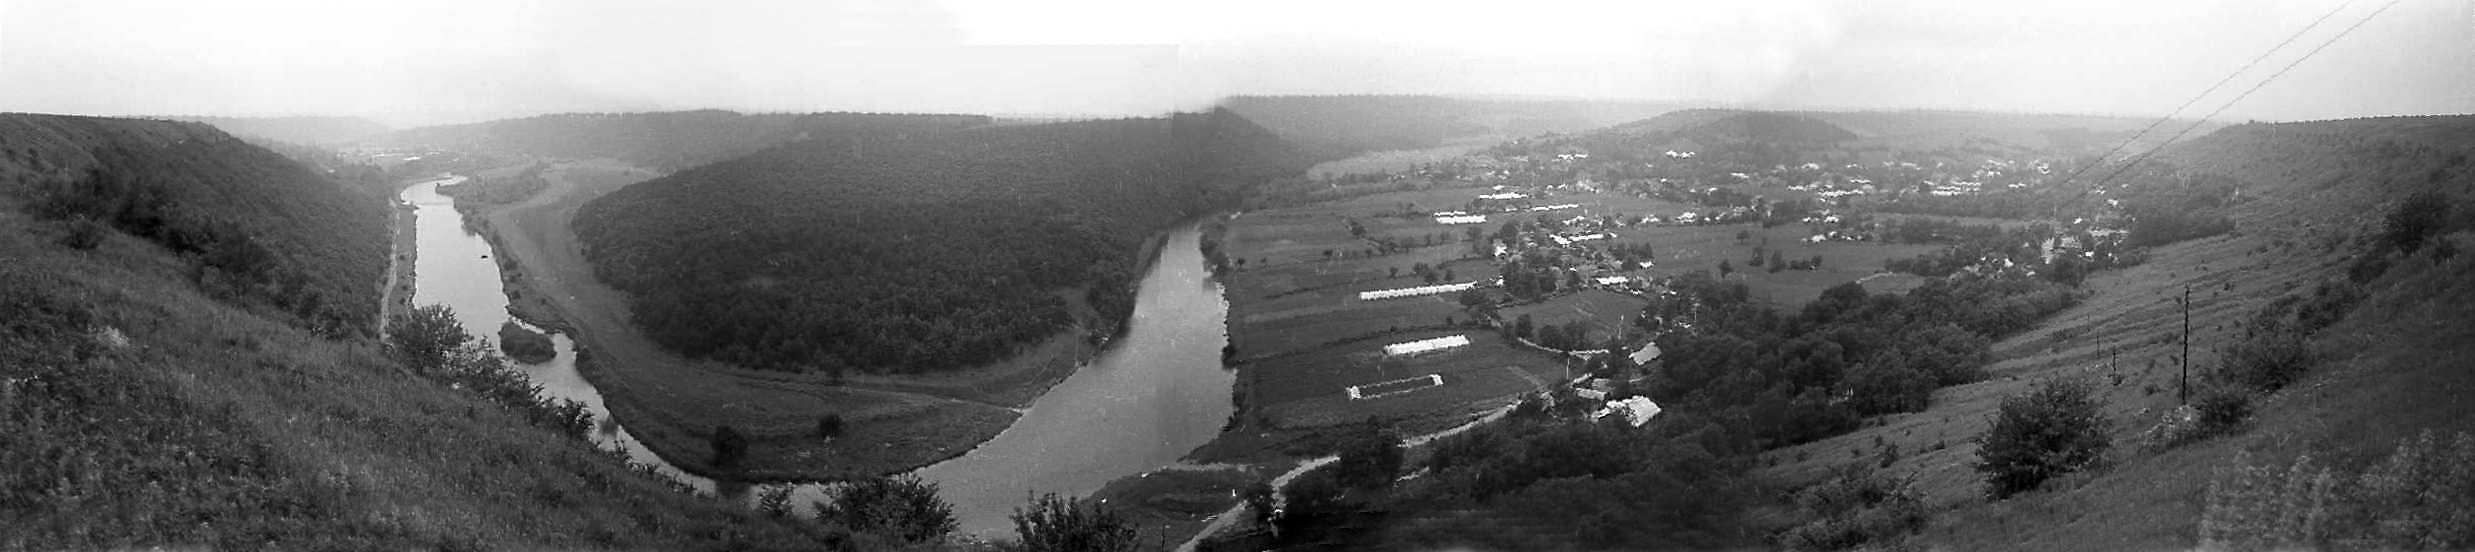 1988 р. Панорама луки Збруча біля с.Щитівці. Вигляд з північного сходу